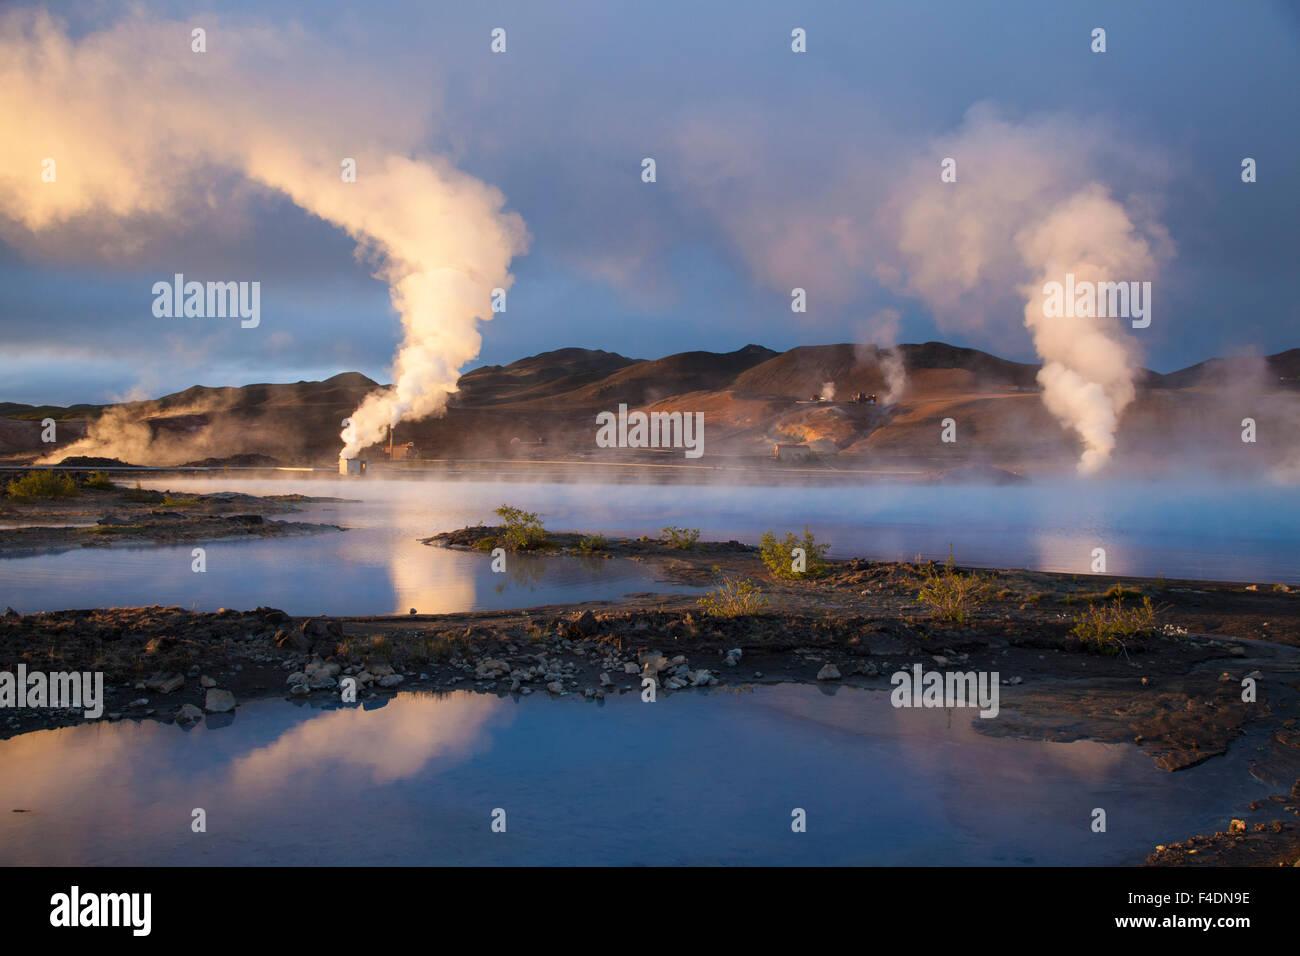 Luz del atardecer sobre la estación de energía geotérmica Bjarnarflag, Myvatn, Nordhurland Eystra, Imagen De Stock